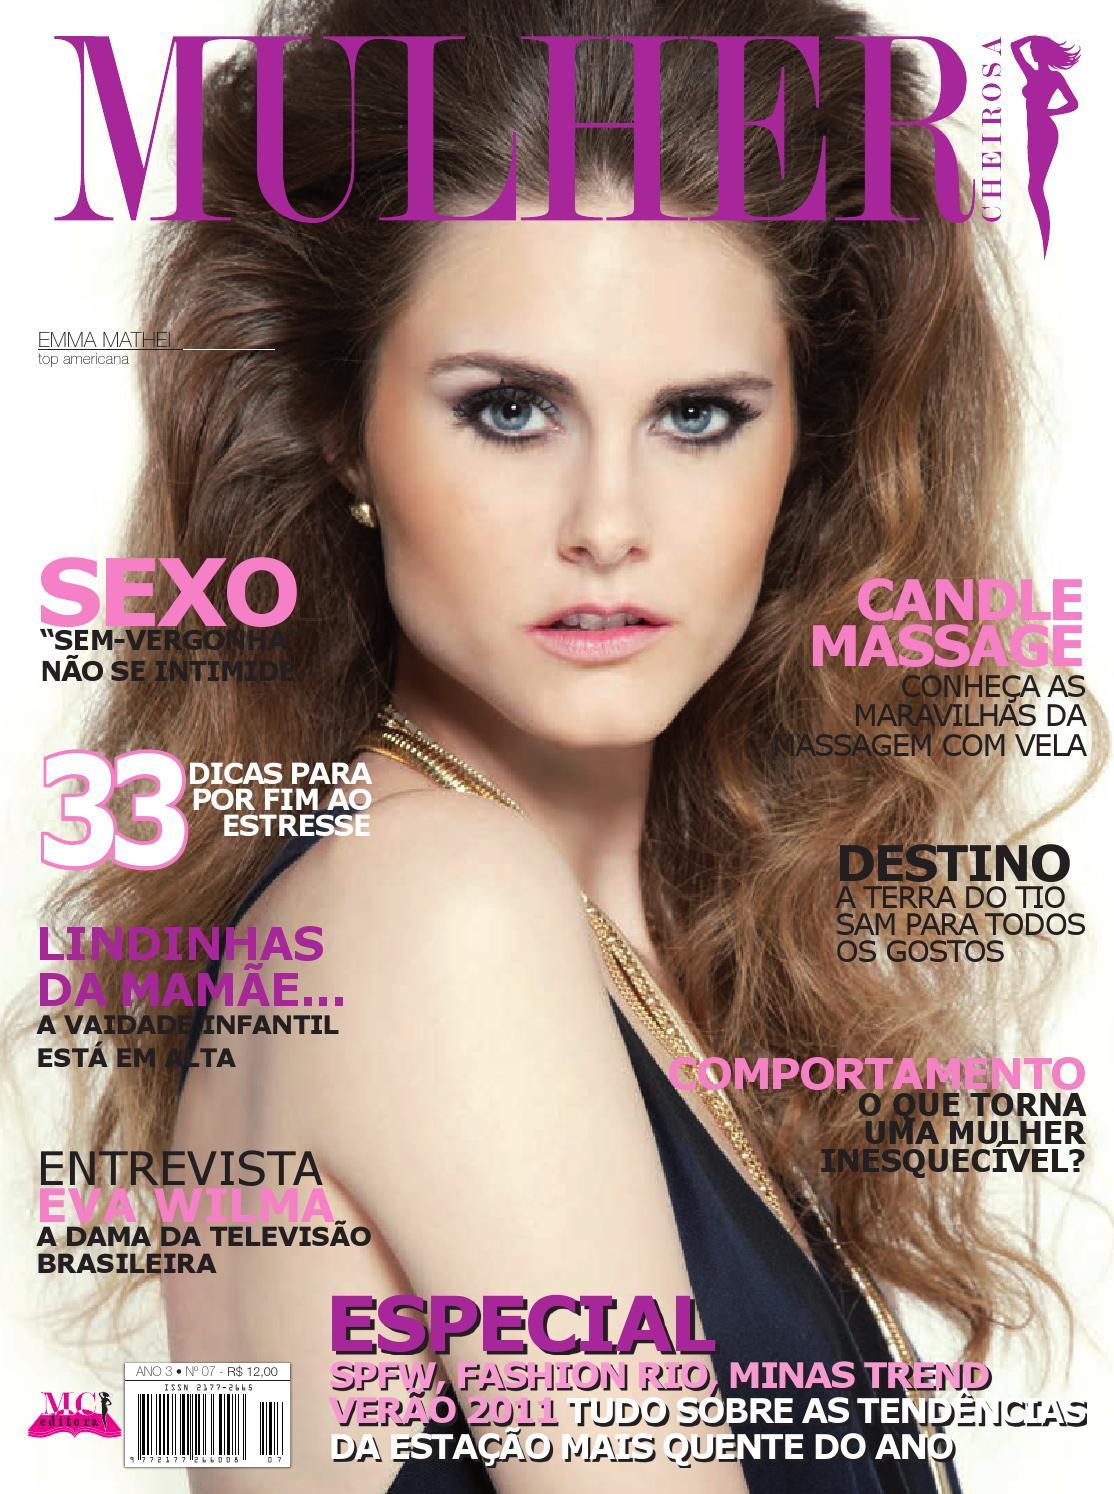 6cc13f0a5 Revista mulher cheirosa 7ª edição by Jessika - issuu